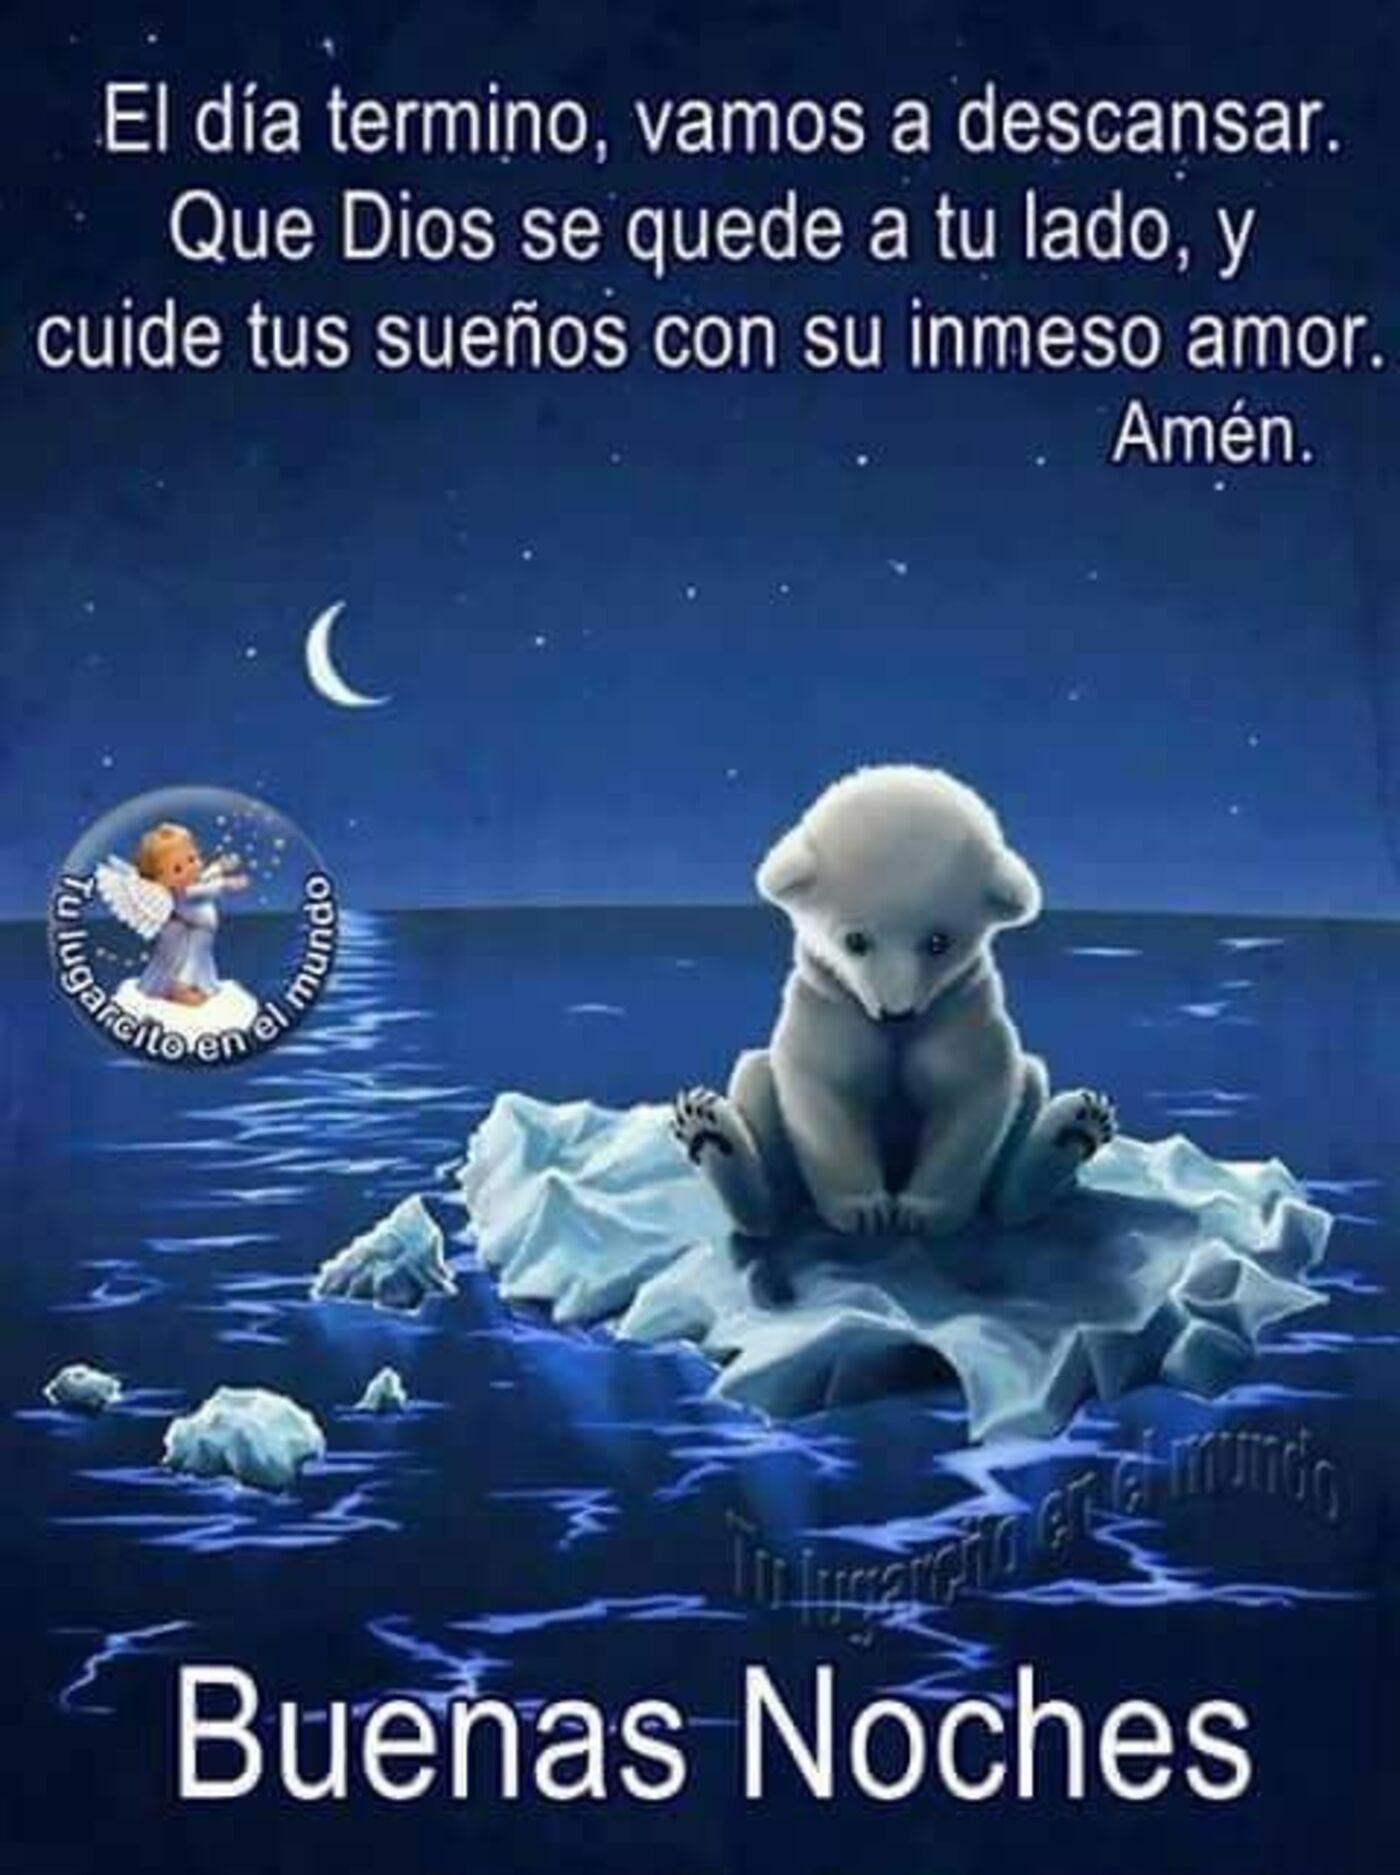 El día termino, vamos a descansar. Que Dios se quede a tu lado, y cuide tu sueños con su inmenso amor. Amén. Buenas Noches